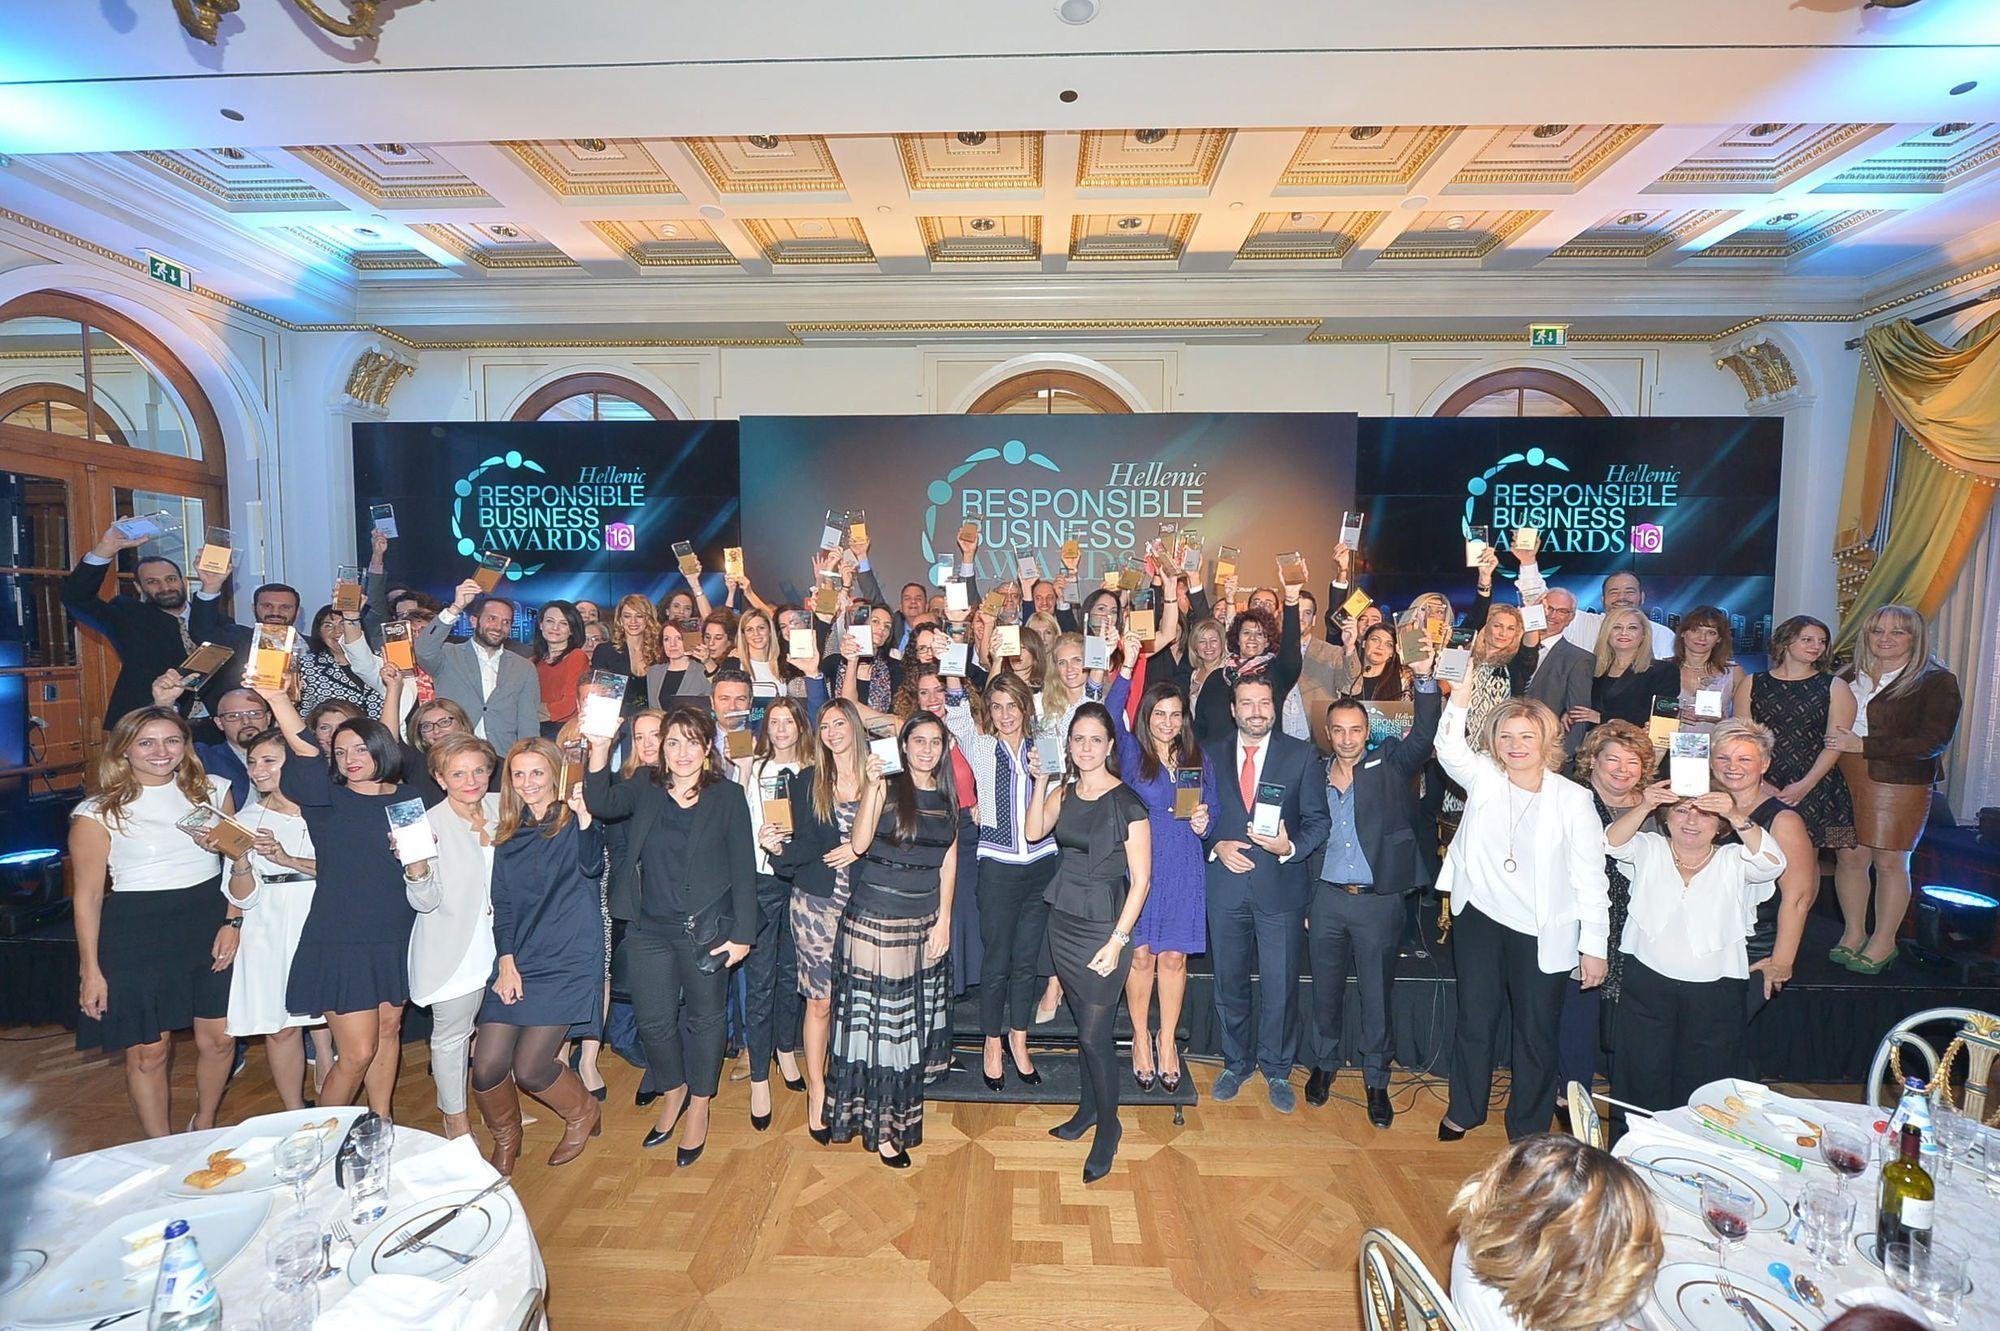 Νικητές της βραδιάς Hellenic Responsible Business Awards 2016